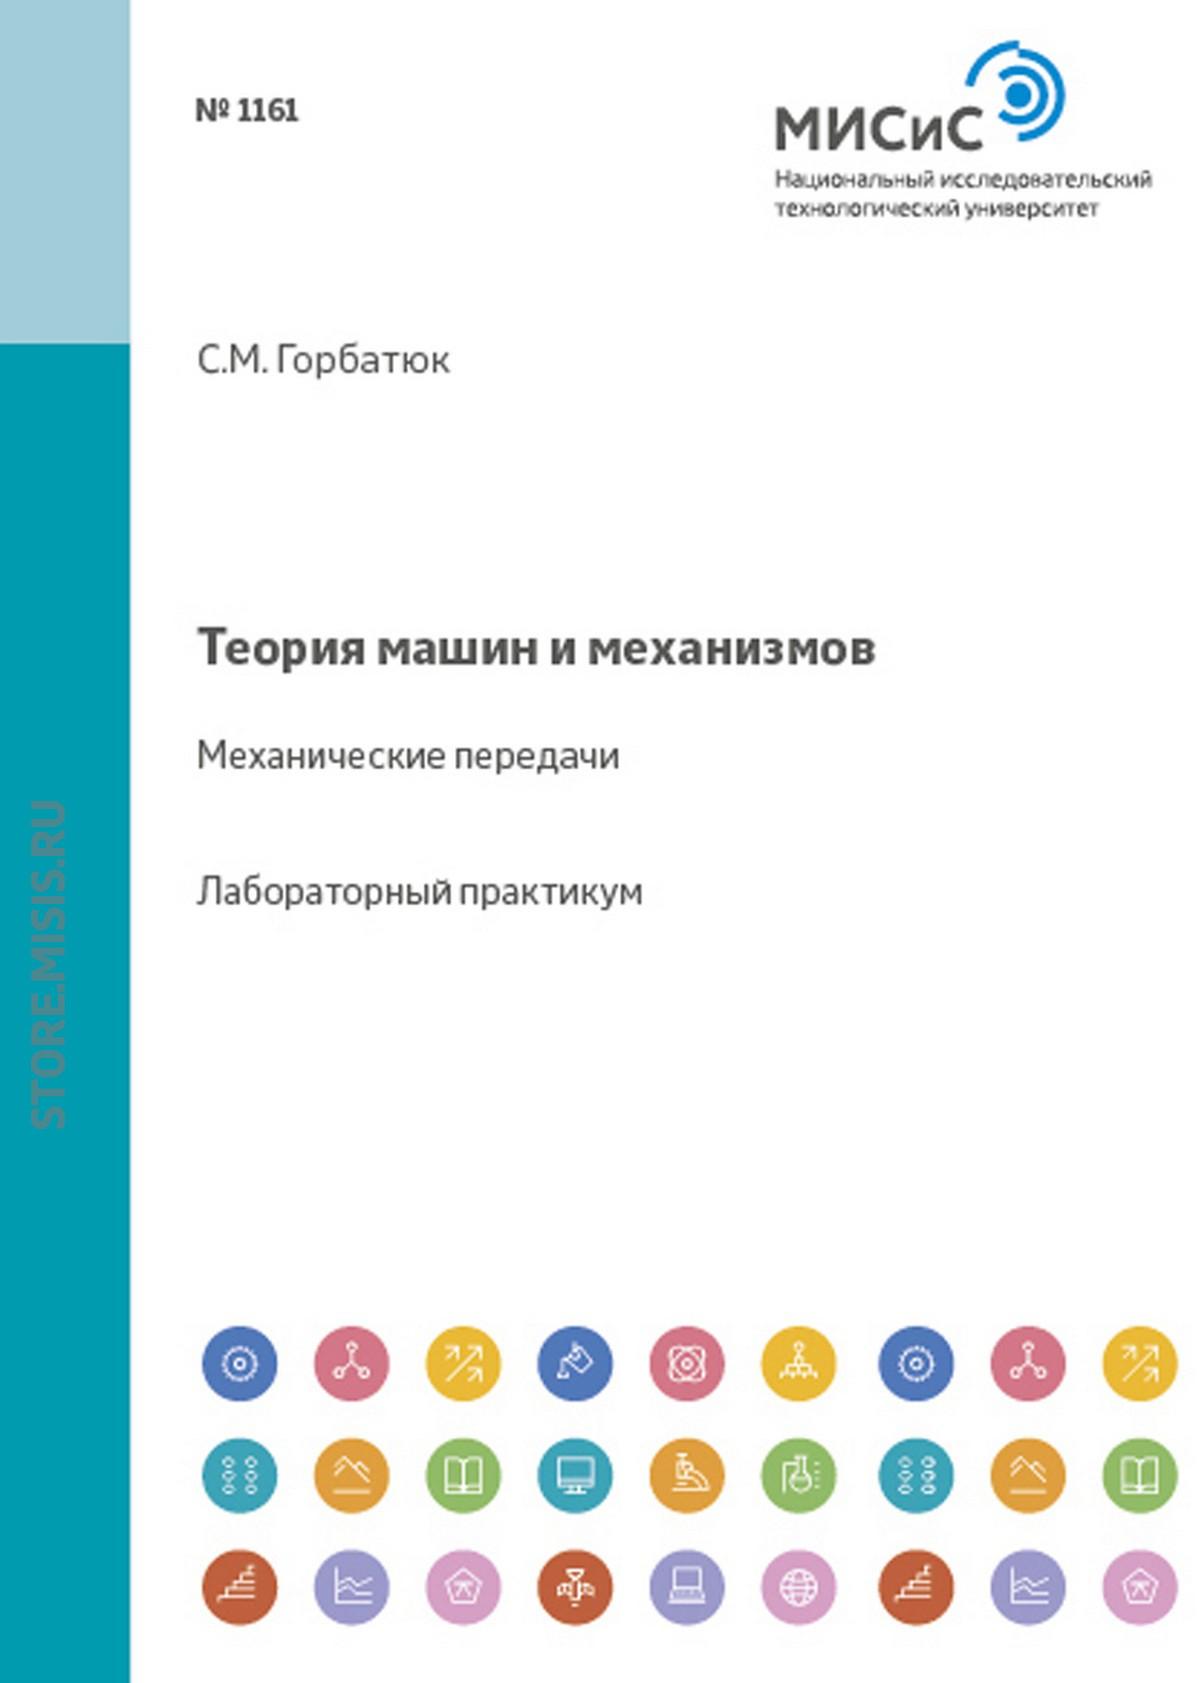 С. М. Горбатюк Теория машин и механизмов. Механические передачи